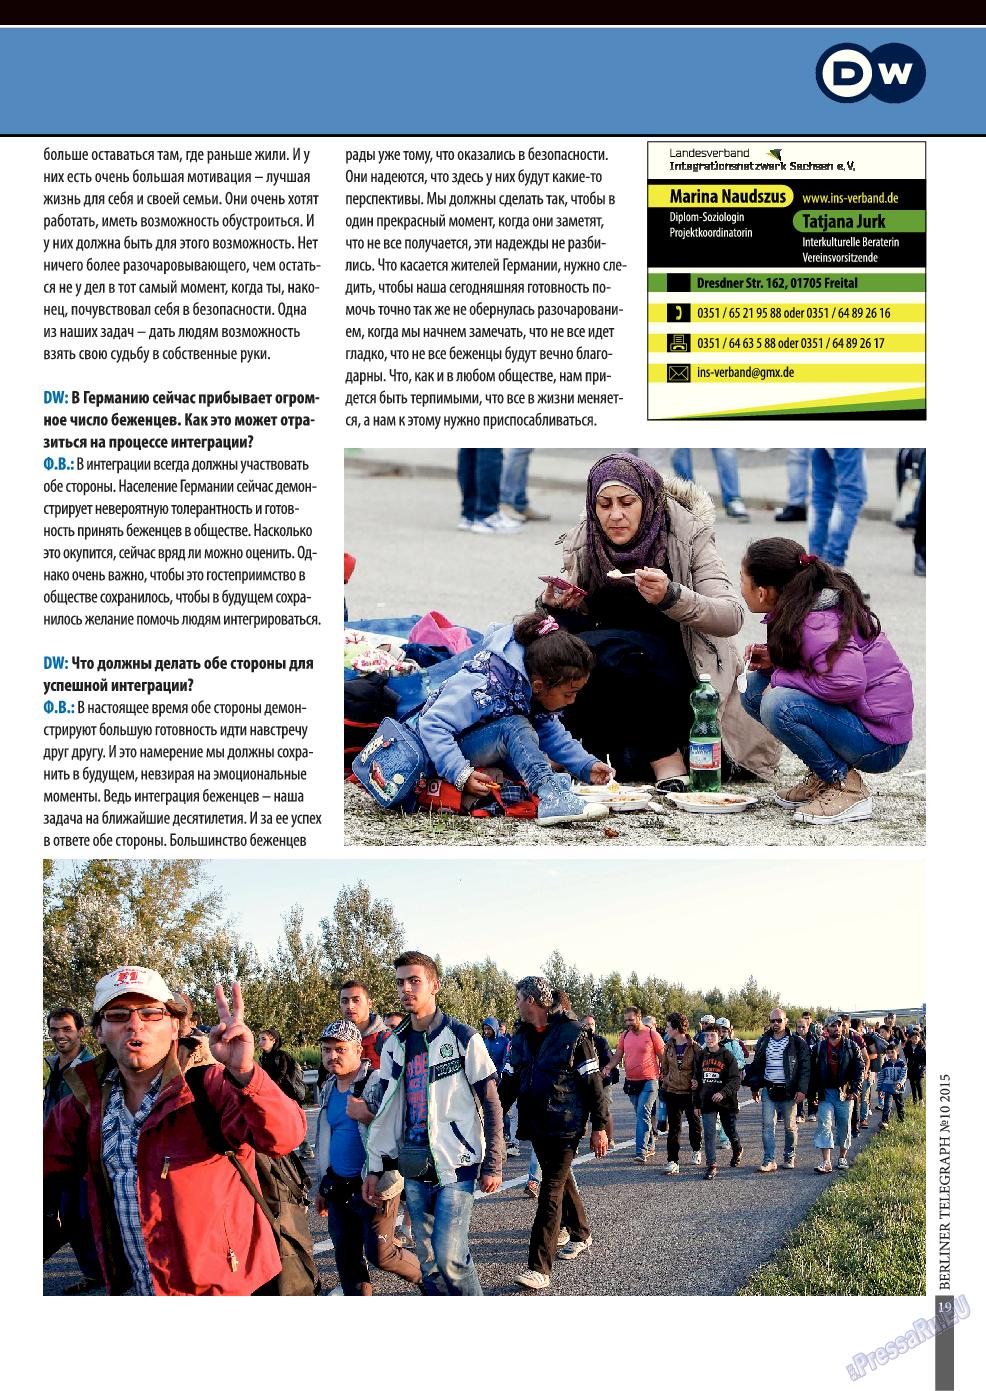 Берлинский телеграф (журнал). 2015 год, номер 11, стр. 19